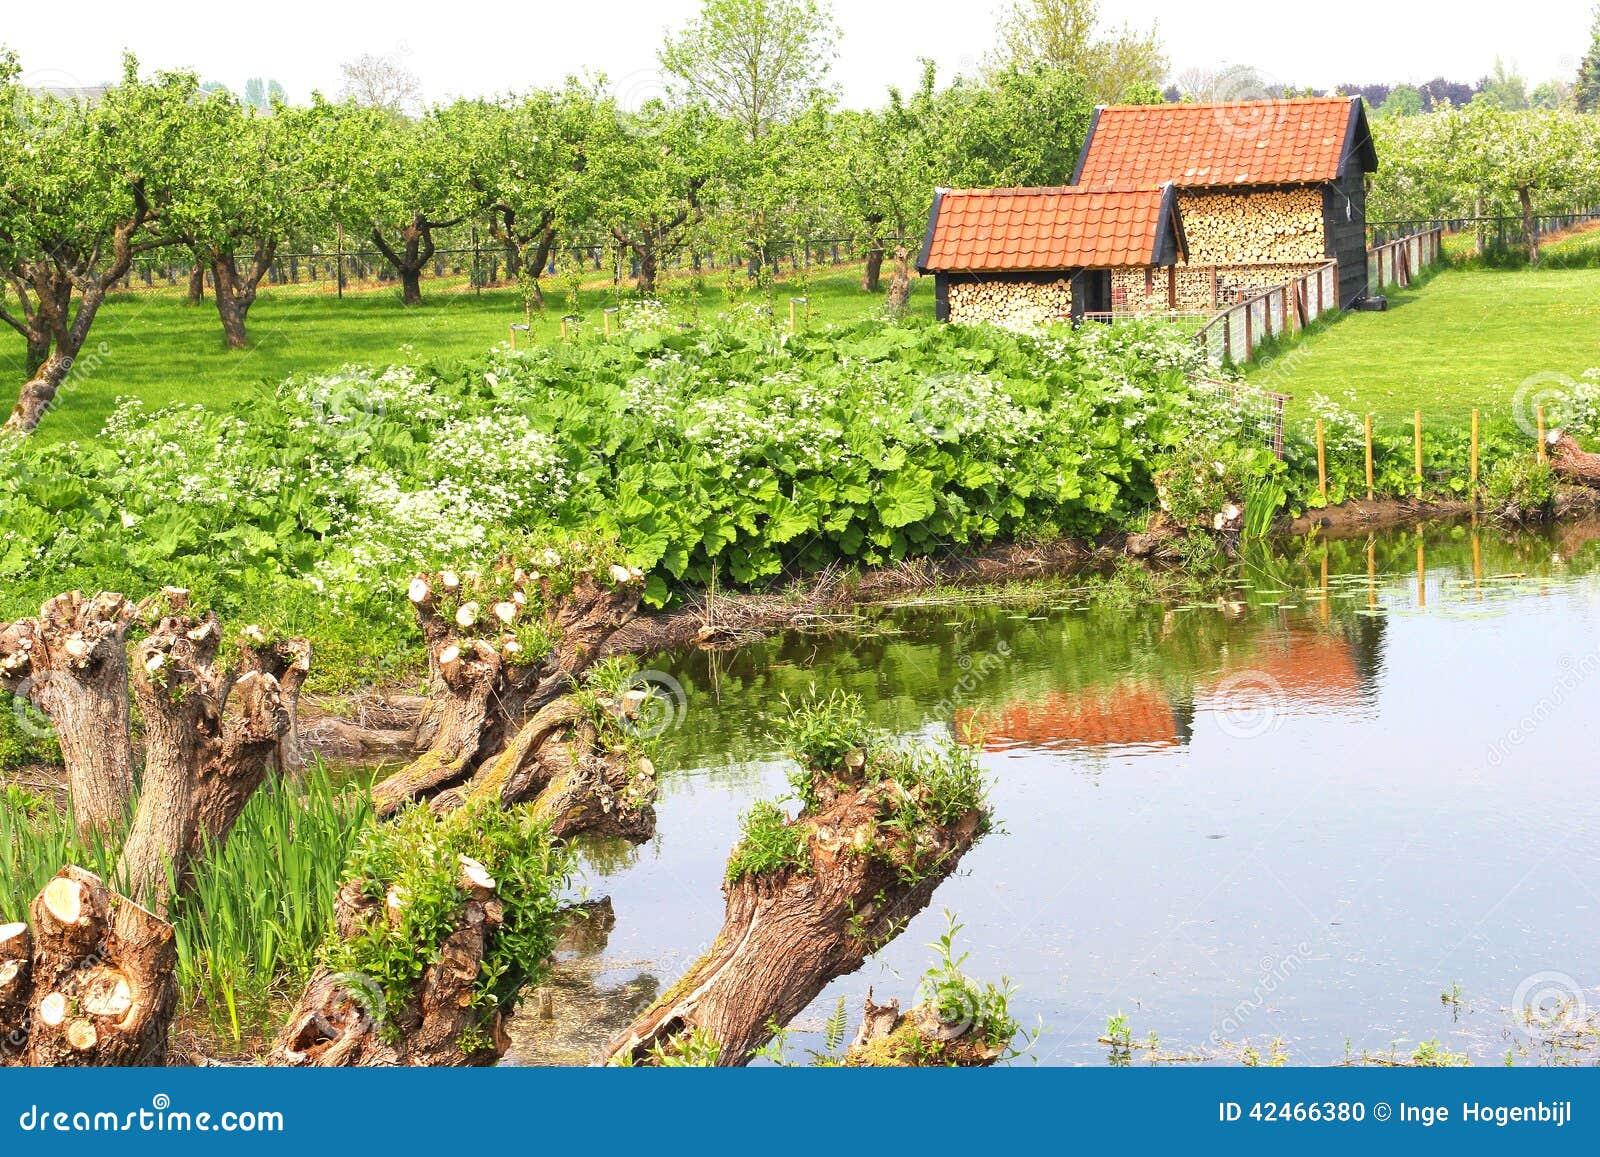 Obstgarten mit Obstbäumen, die Niederlande